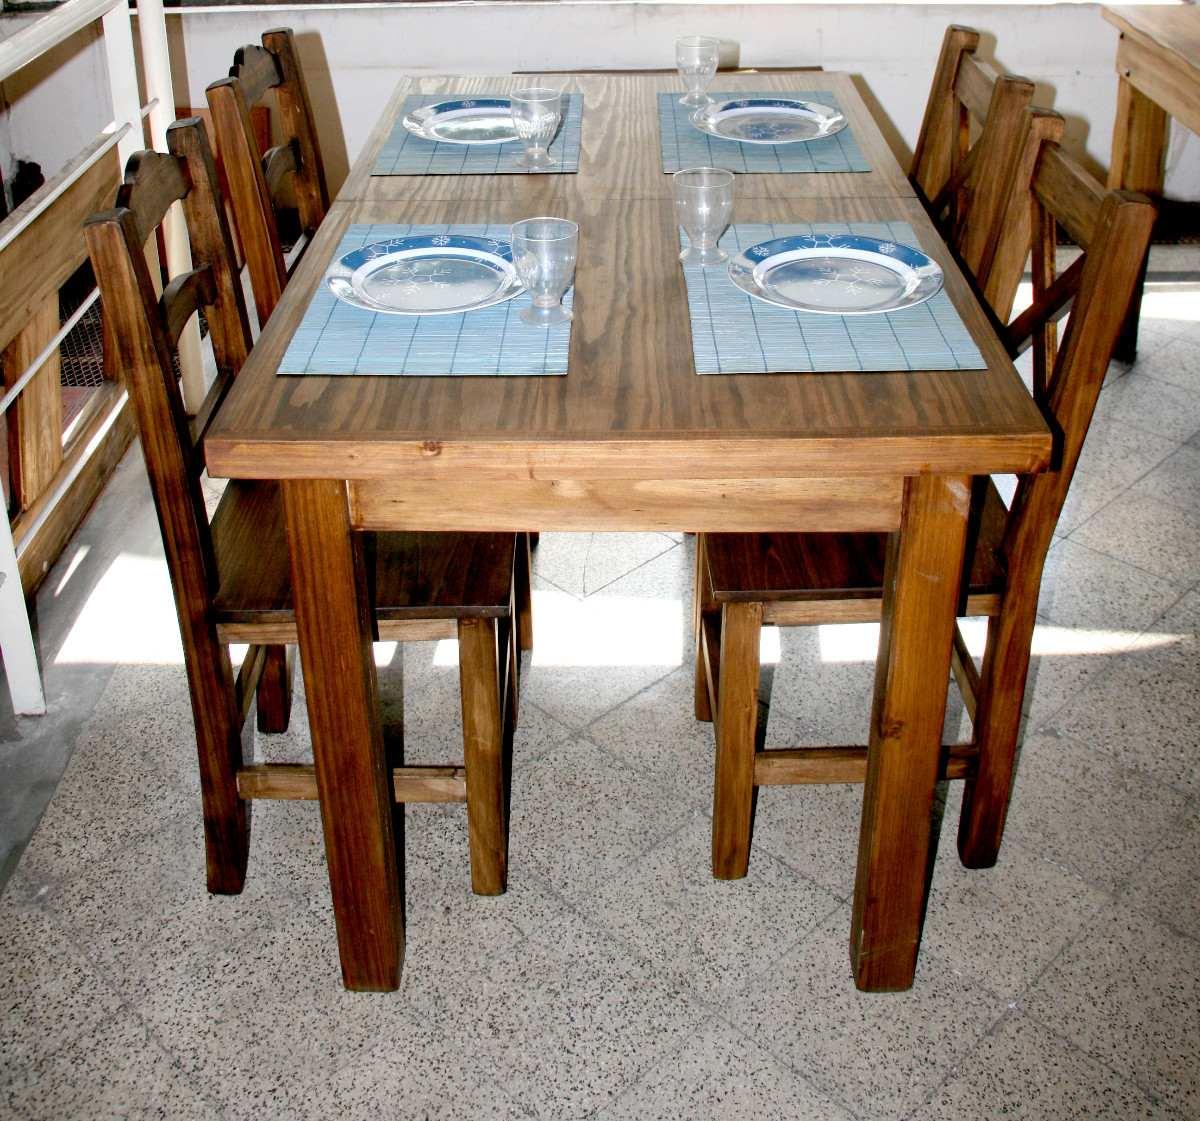 j comedor mesa extensible c sillas rstica